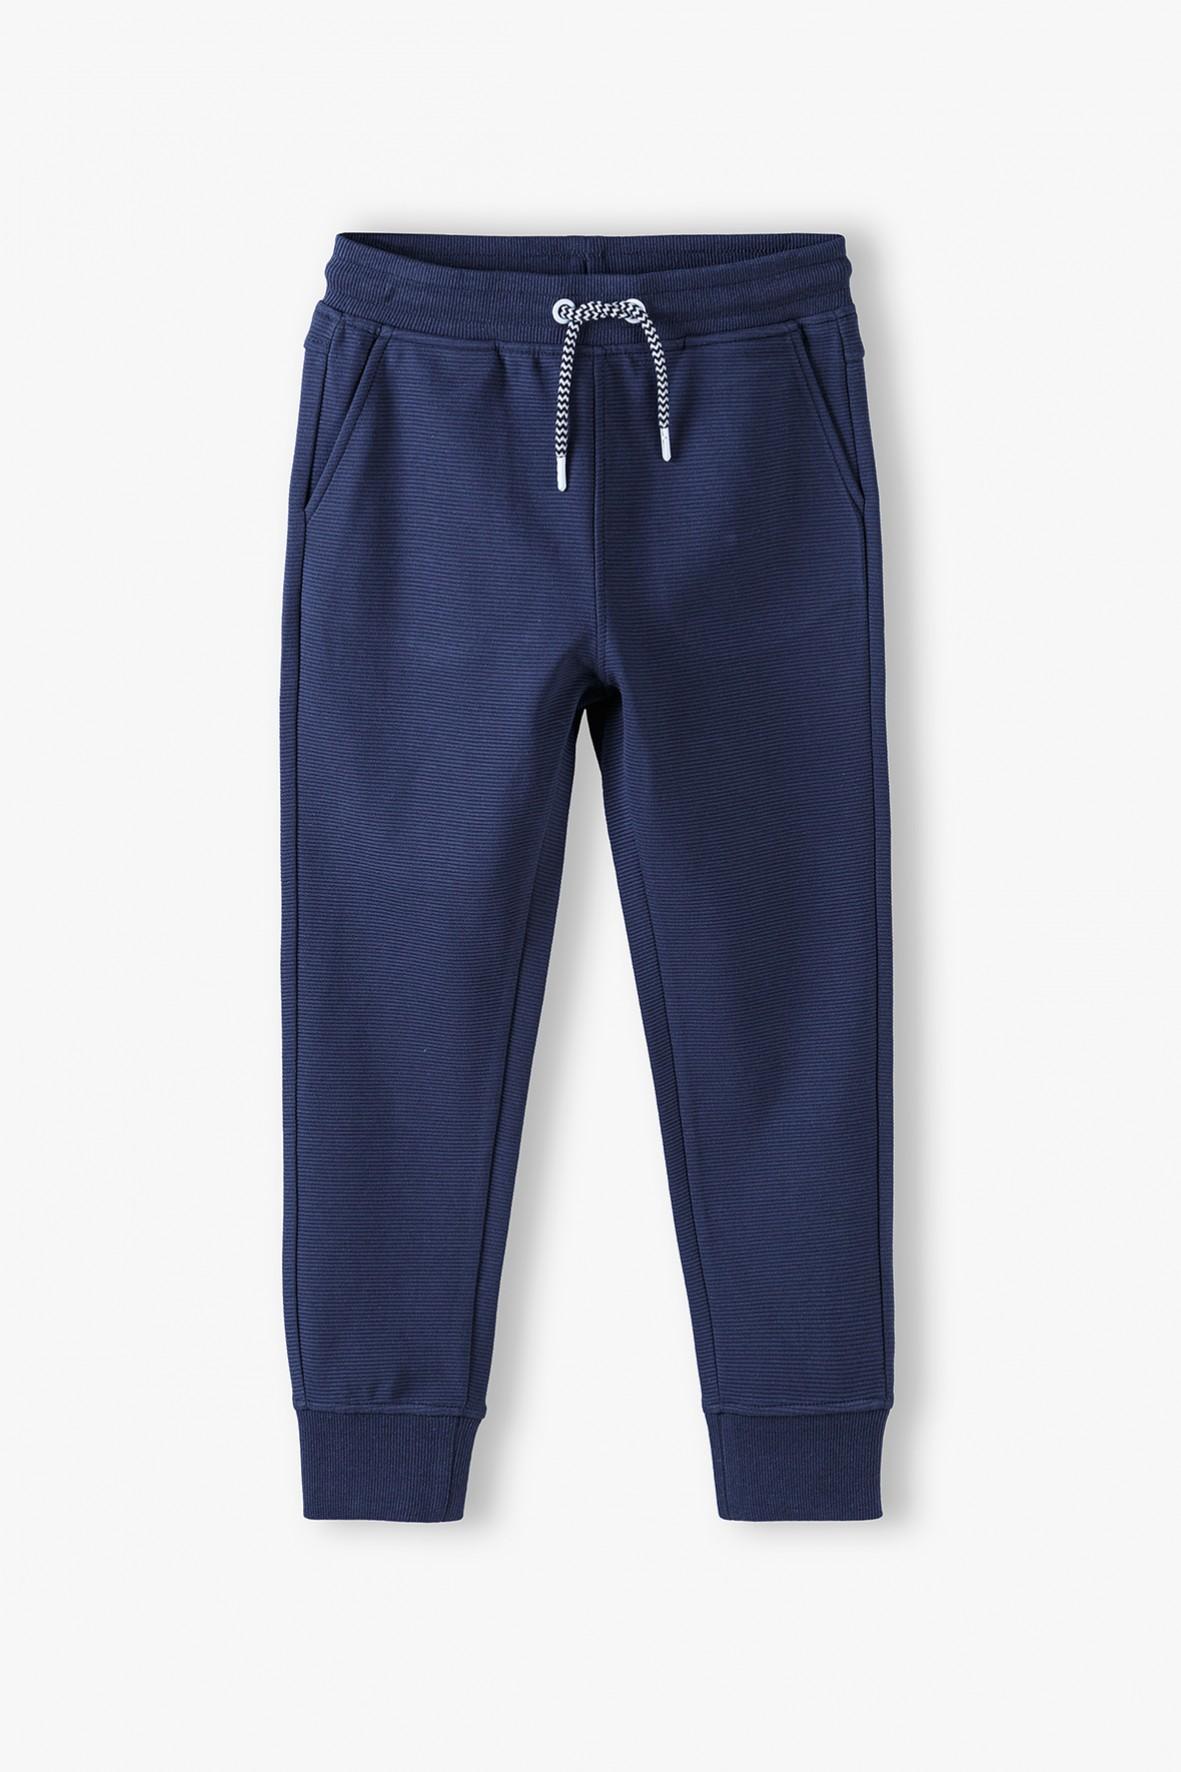 Bawełniane spodnie dresowe chłopięce granatowe